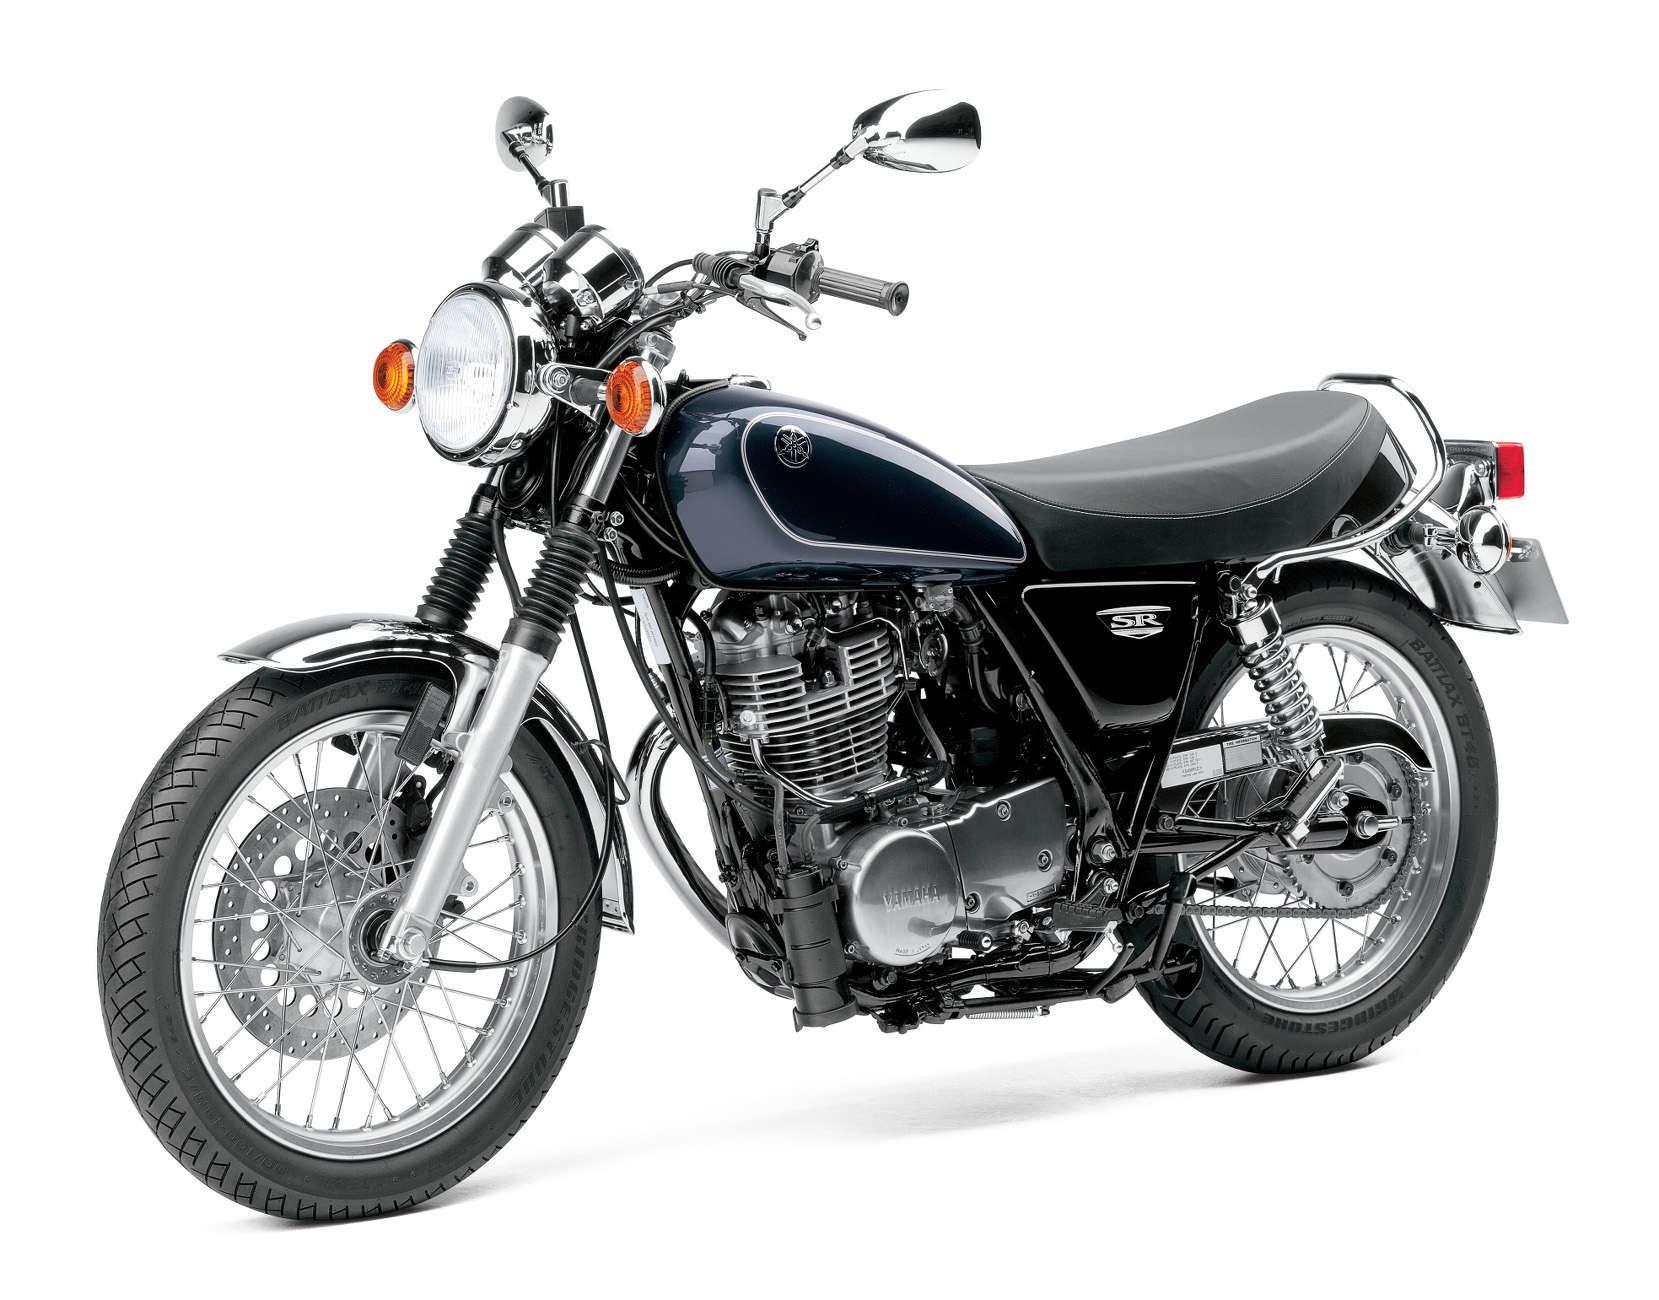 برای خرید انواع موتورسیکلت دست دوم چقدر هزینه کنیم؟